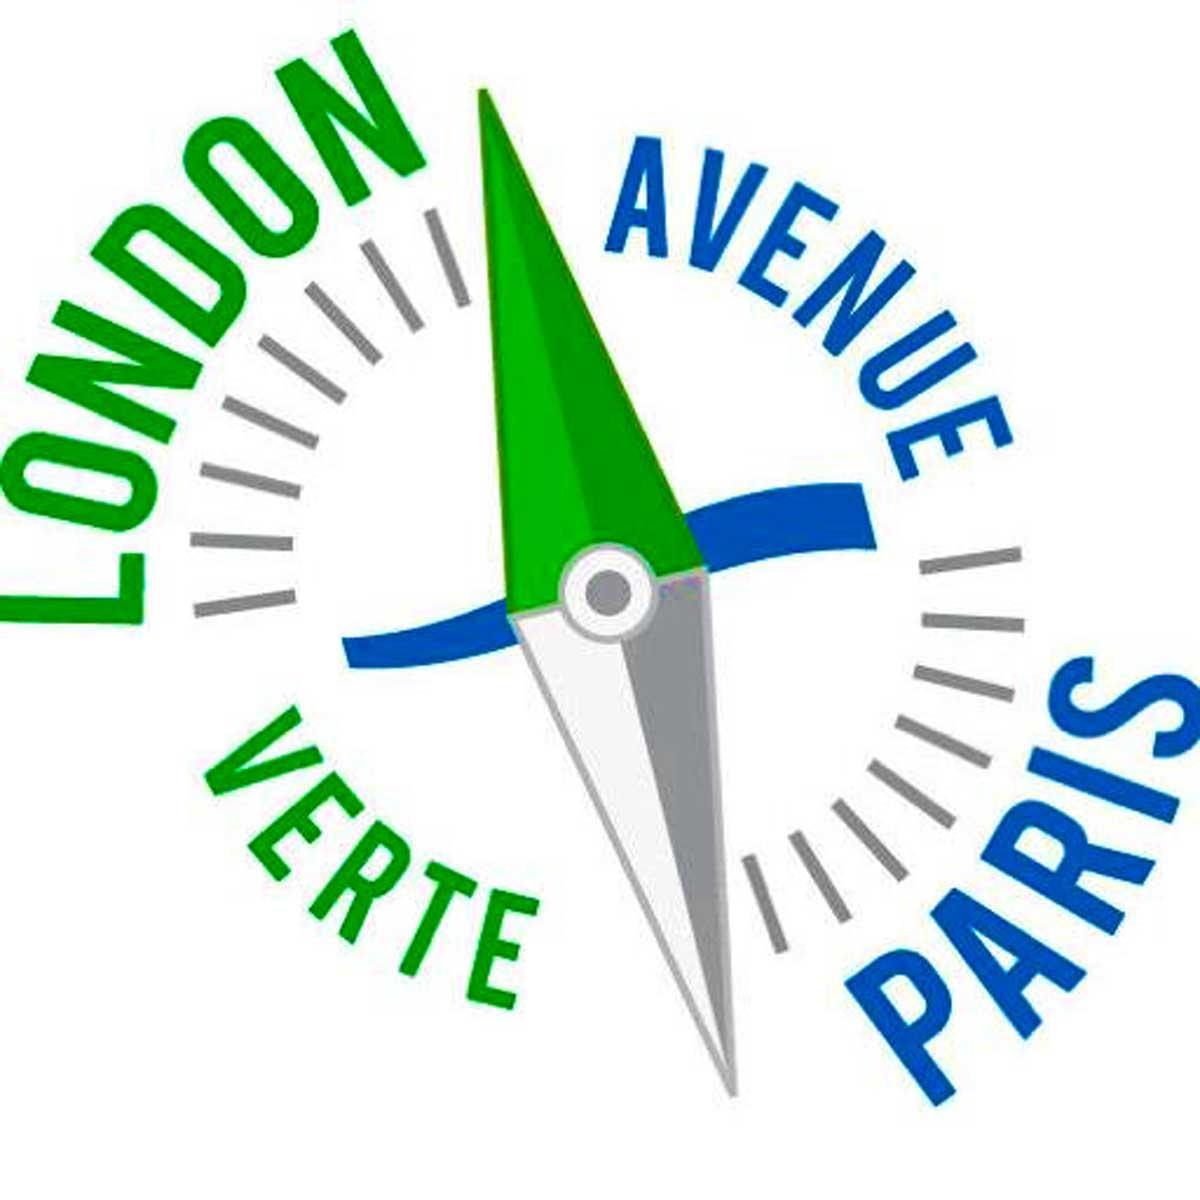 Señalización de la Ruta en Bicicleta Avenida Verde: París-Londres